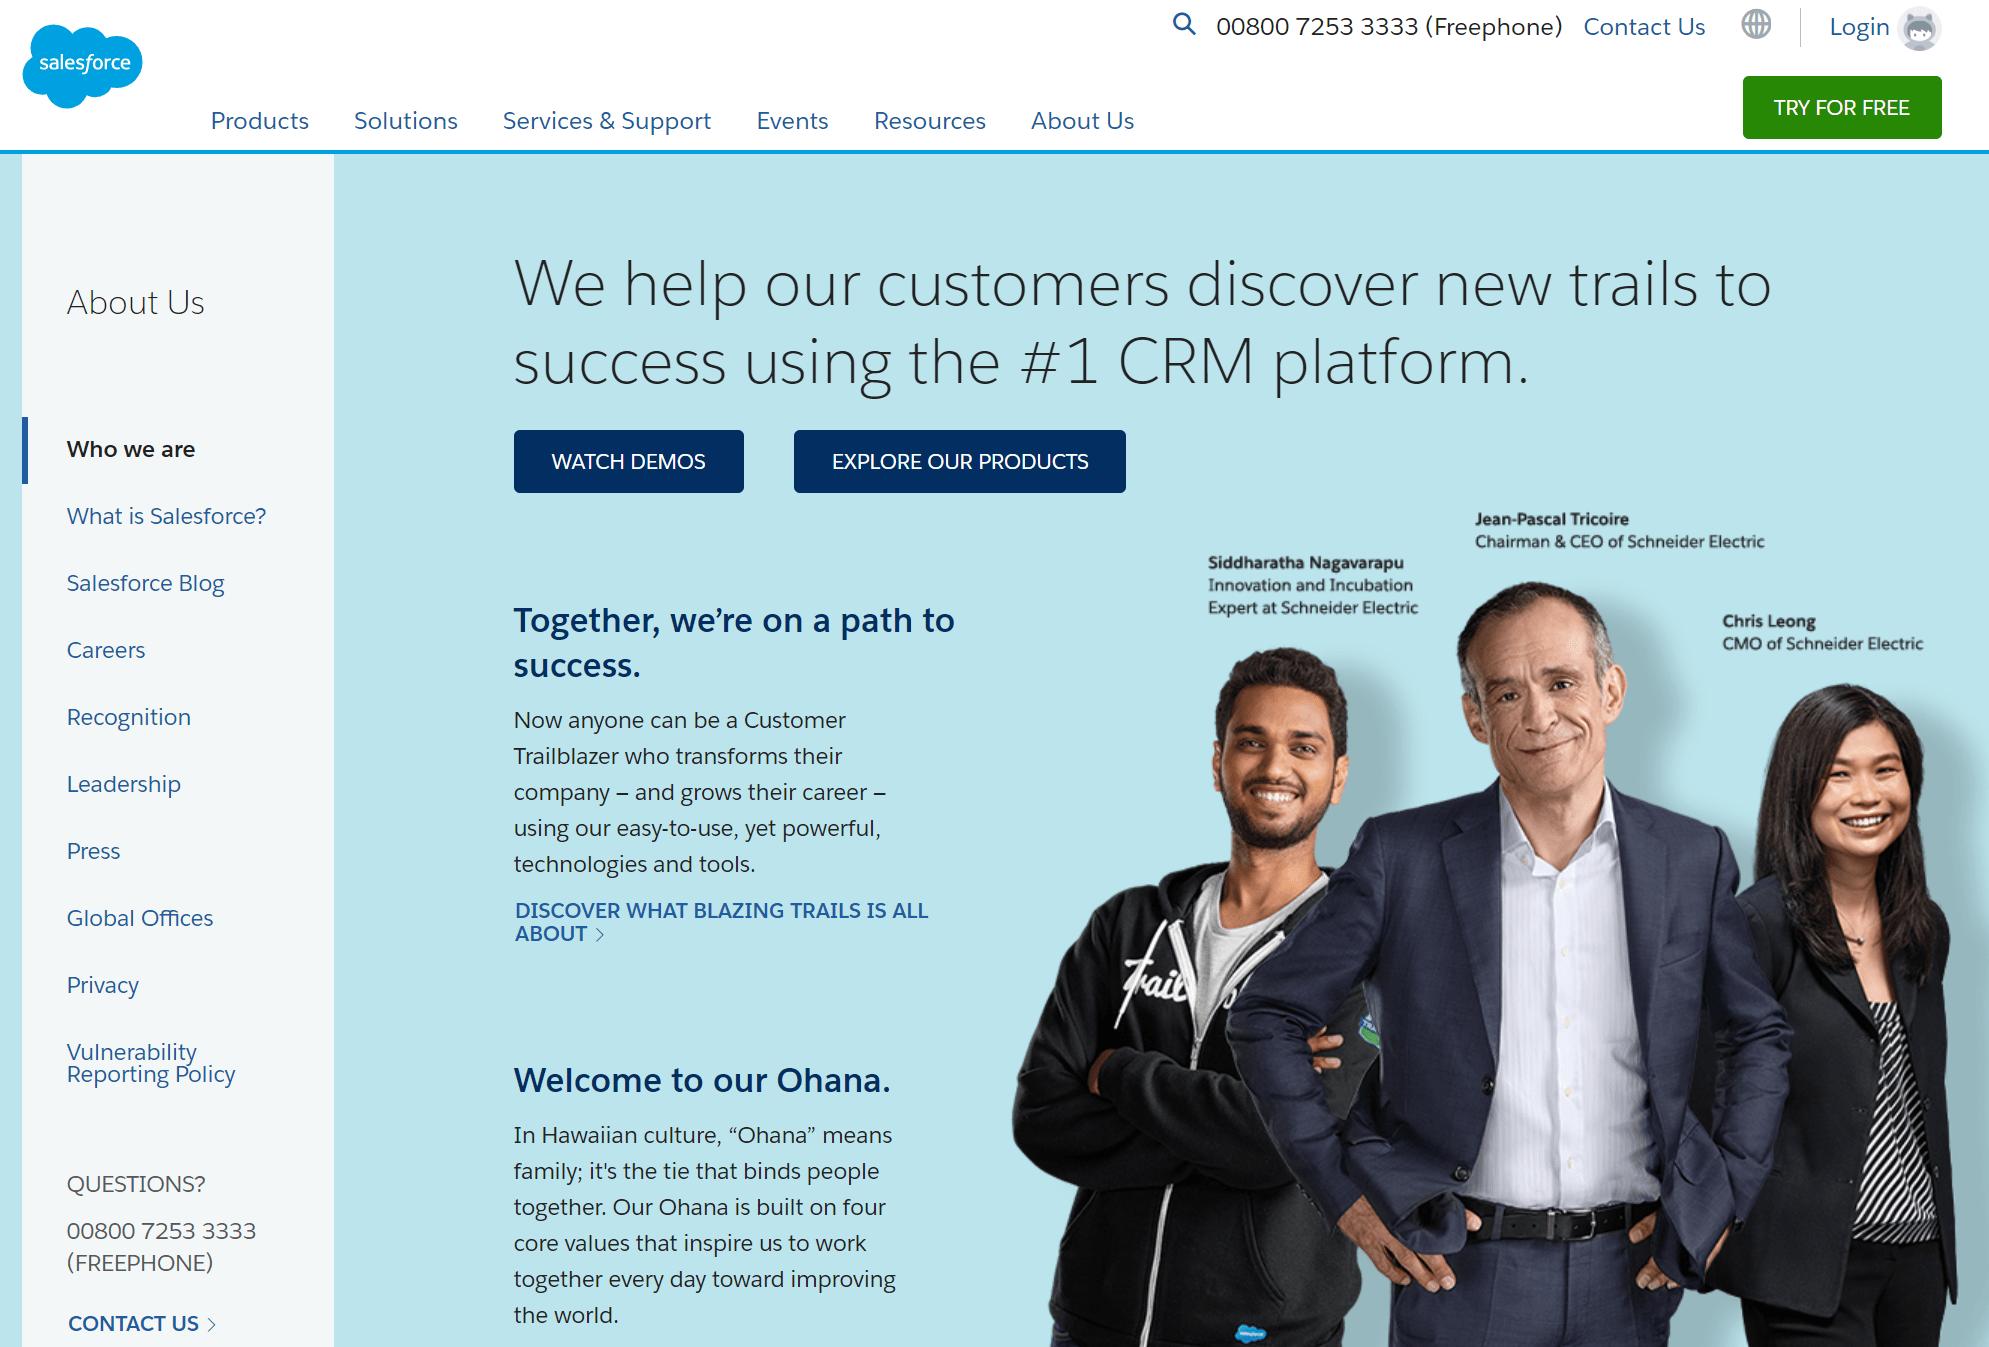 salesforce merk archetype explorer zakelijke dienstverlening